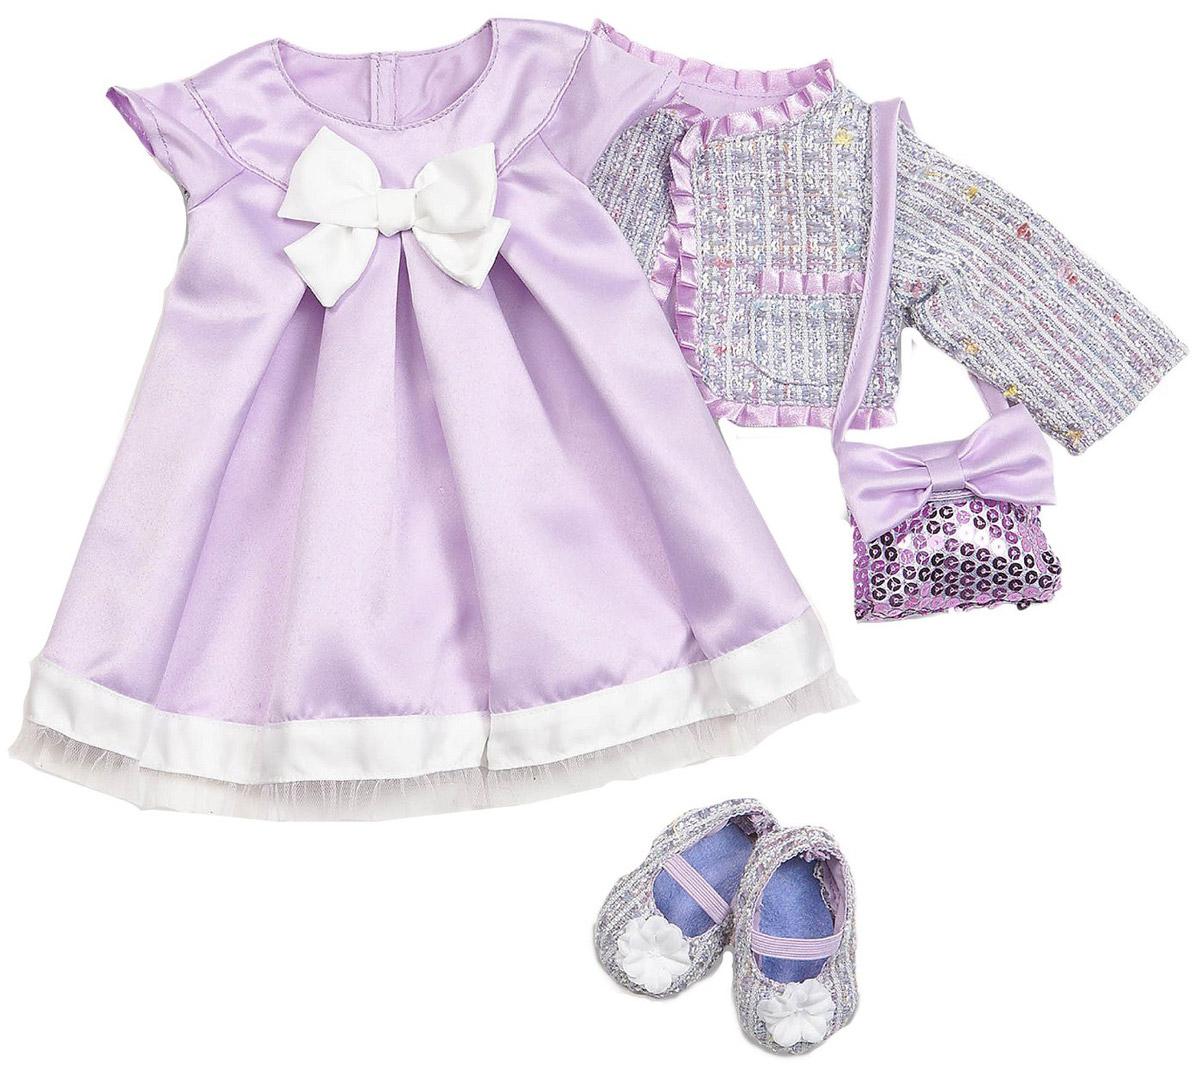 Our Generation Одежда для кукол Атласное платье жакет балетки11556Куклы тоже любят менять наряды! В набор входит великолепное сиреневое платье с белой оборкой по низу подола и белым бантиком на лифе. А если вашей куколке станет прохладно, то сверху можно накинуть стильный теплый жакет с сиреневой атласной оборкой. На ножки куколки можно надеть балетки в тон жакету. Дополнительный шик этому набору придает сиреневая сумочка, обшитая блестящими пайетками. Все девочки очень любят переодевать своих кукол, создавая новые образы, а с таким набором одежды образы можно менять хоть каждый день. Набор одежды станет прекрасным подарком, который обрадует любую девочку и сделает ее куклу самой красивой! Одежда подходит для кукол высотой 46 см.